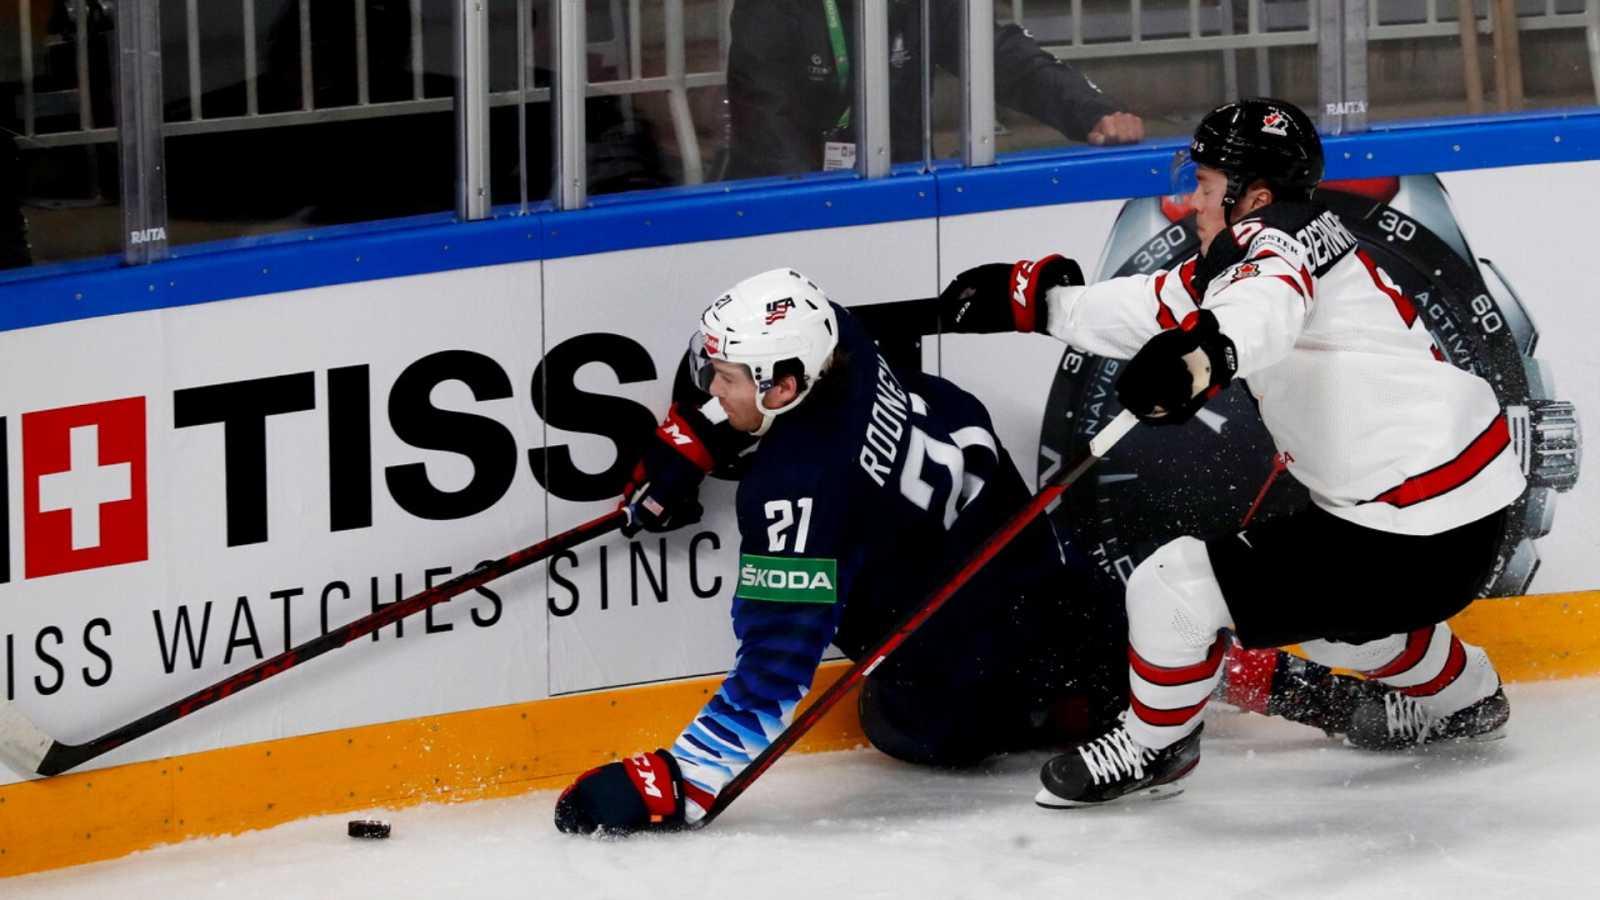 Hockey sobre hielo - Campeonato del mundo masculino. 1ª Semifinal: Estados Unidos - Canadá - ver ahora